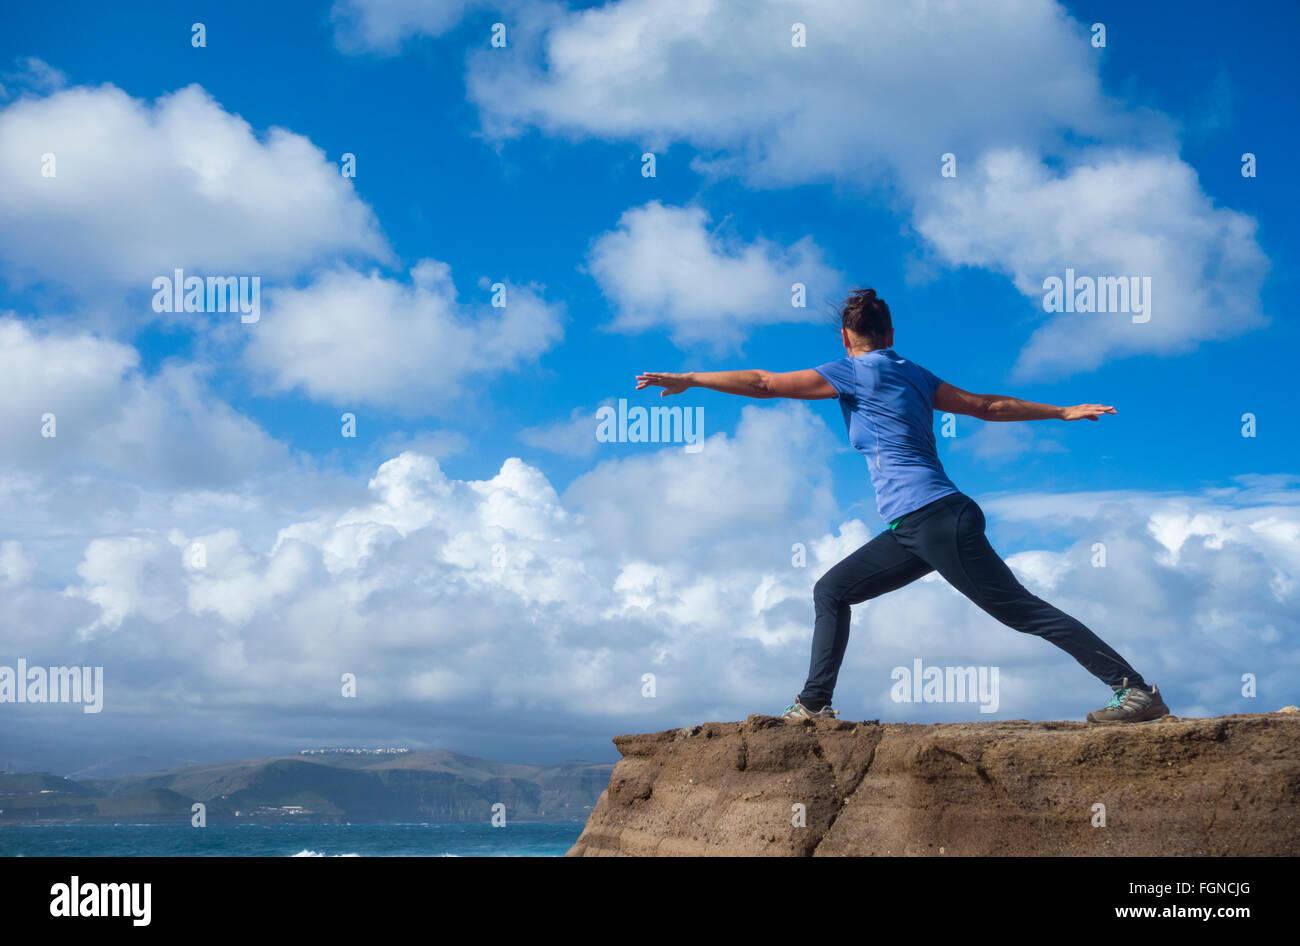 Emparejador de hembras maduras de calentamiento con Yoga ejercicios de estiramiento en roca con vistas al mar. Imagen De Stock